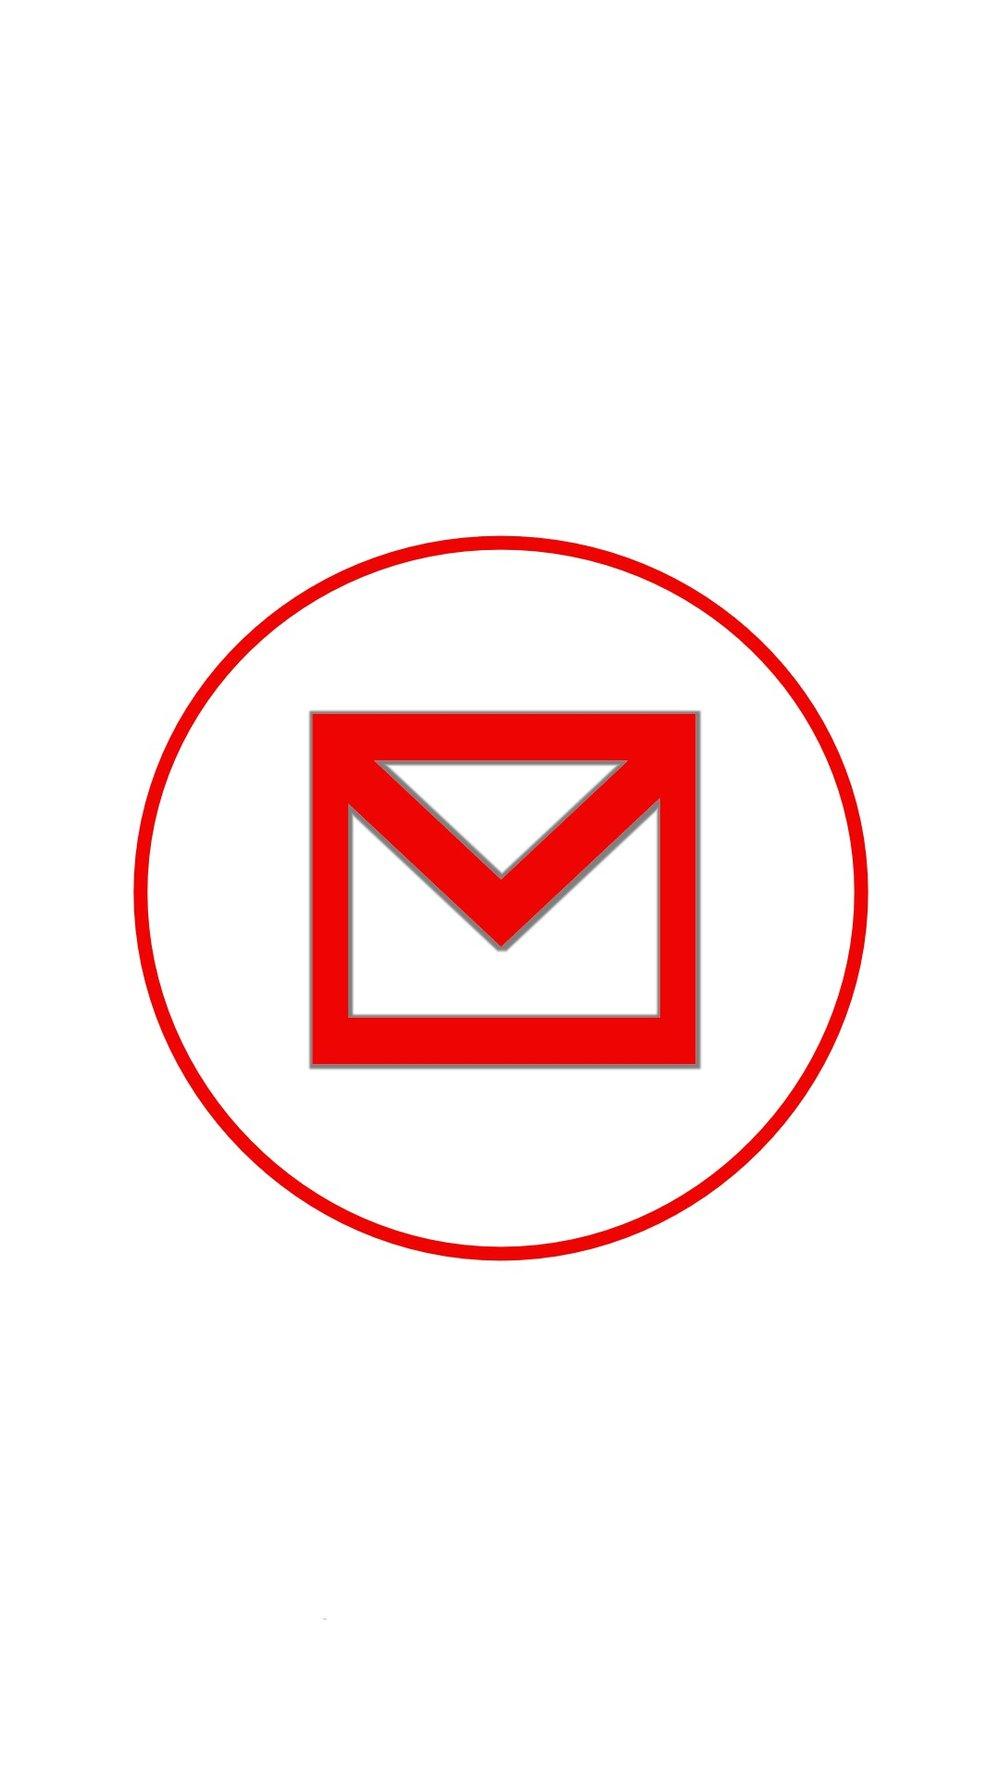 Instagram-cover-envelope-red-white-lotnotes.com.jpg